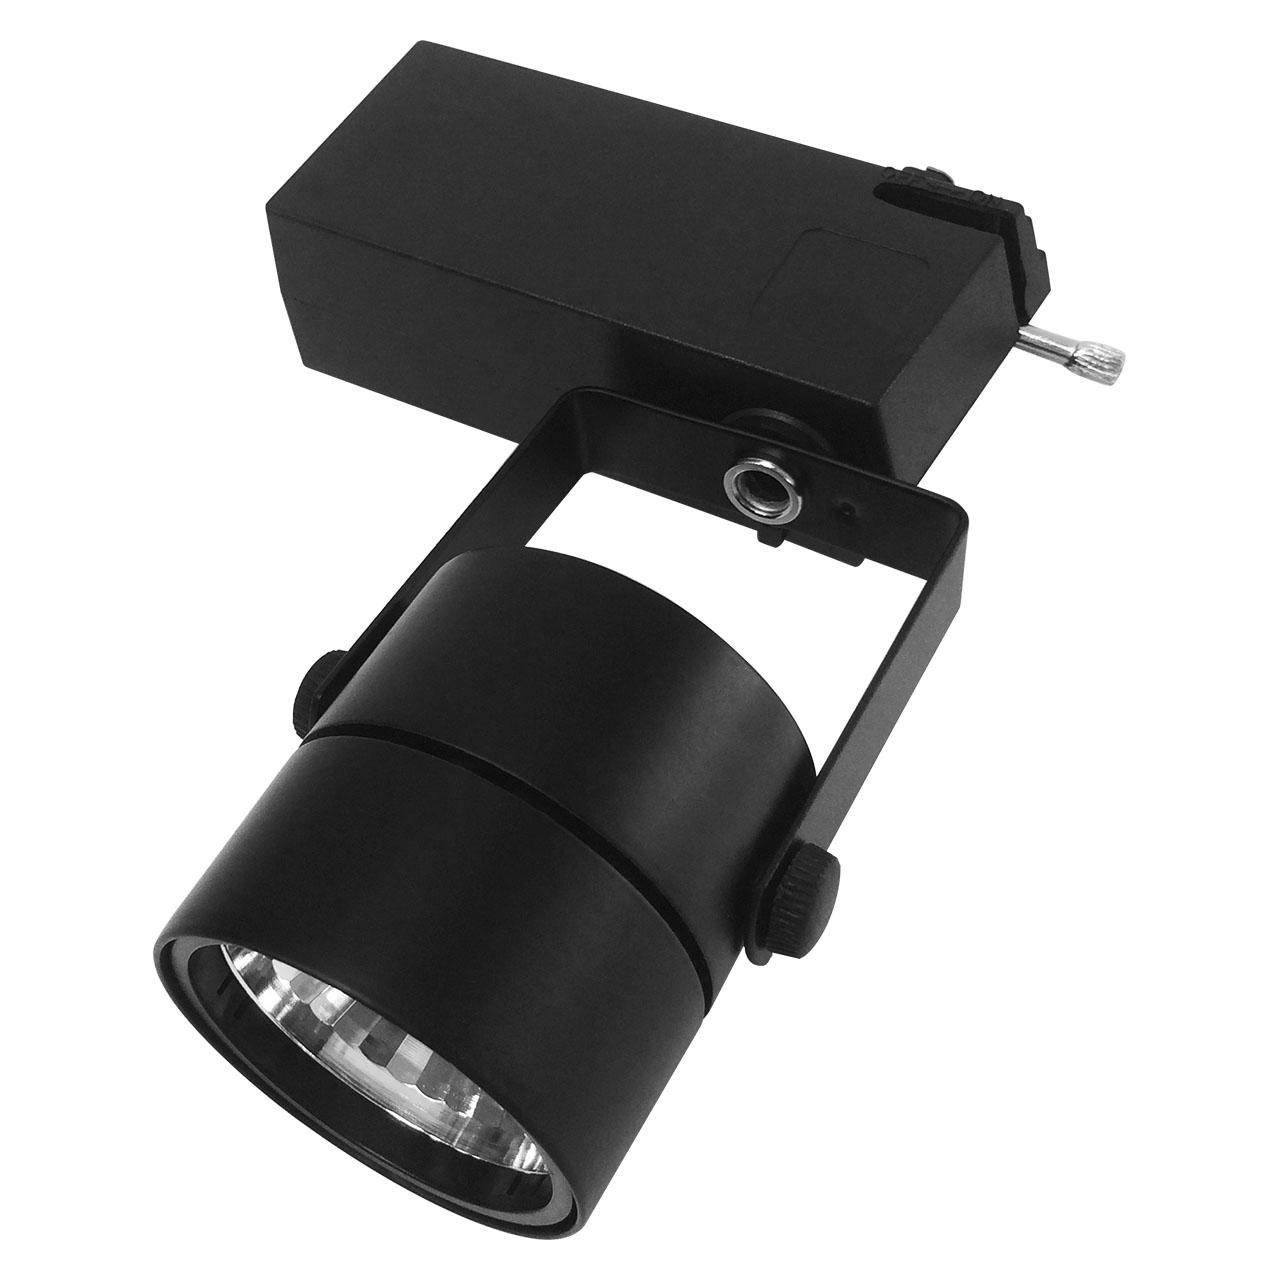 LED Spot Light, LED Track Light, METEOR_RTT011, Oasistek